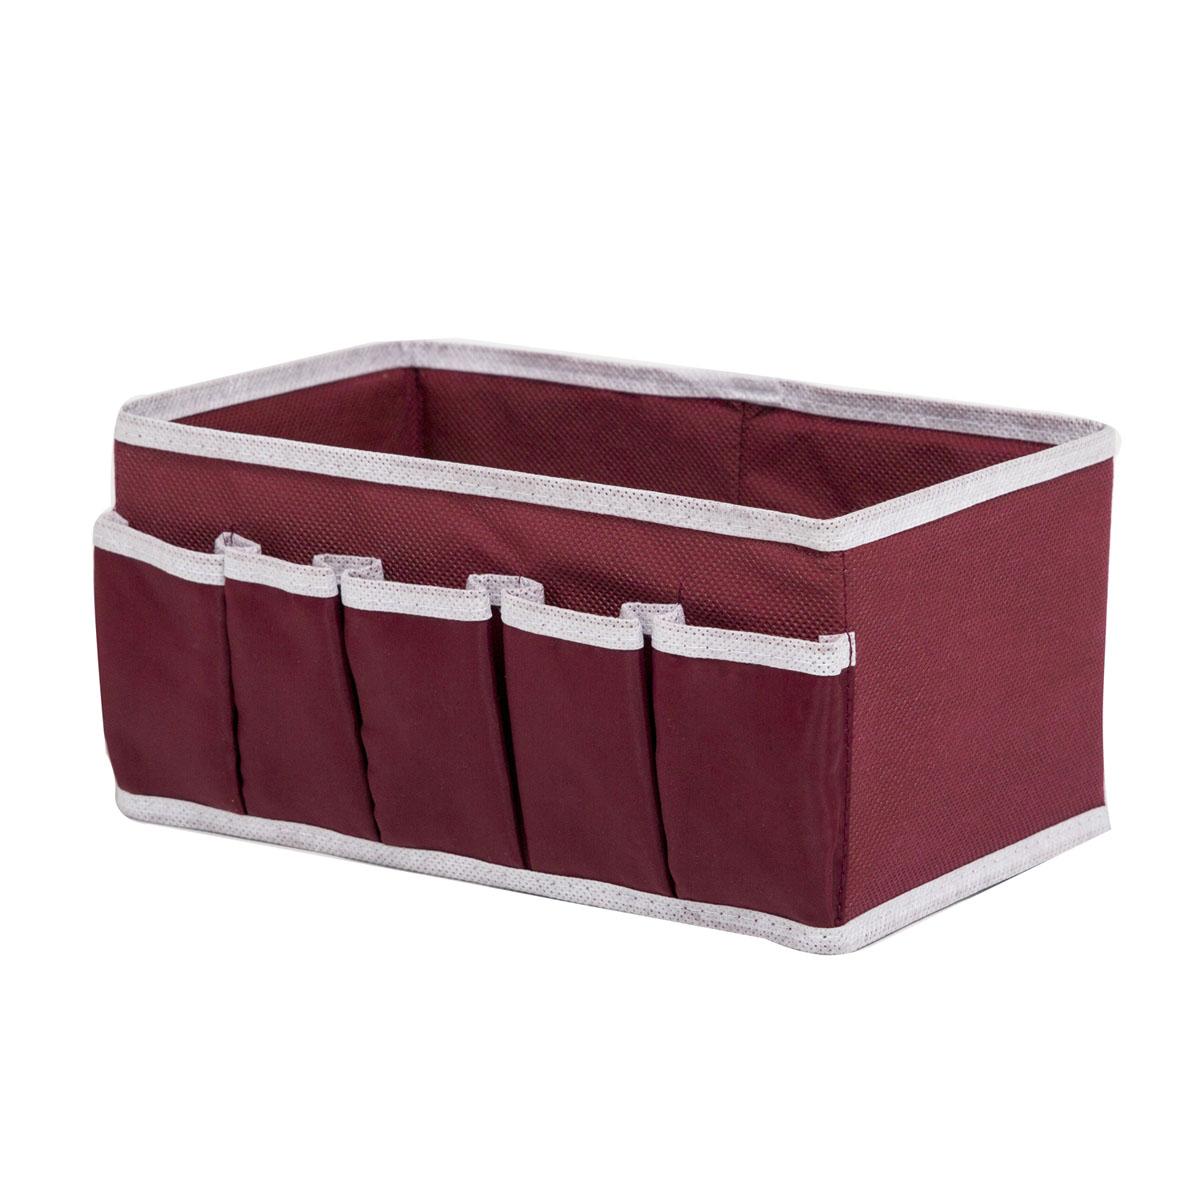 Органайзер для хранения косметики и мелочей Homsu Red Rose, 25 х 15 х 12 смTD 0033Органайзер Homsu Red Rose выполнен из полиэстера и предназначена для хранения вещей. Изделие защитит вещи от повреждений, пыли, влаги и загрязнений во время хранения и транспортировки. Органайзер идеально подходит для хранения детских вещей и игрушек. Жесткий каркас из плотного толстого картона обеспечивает устойчивость конструкции. Размер: 25 х 15 х 12 см.